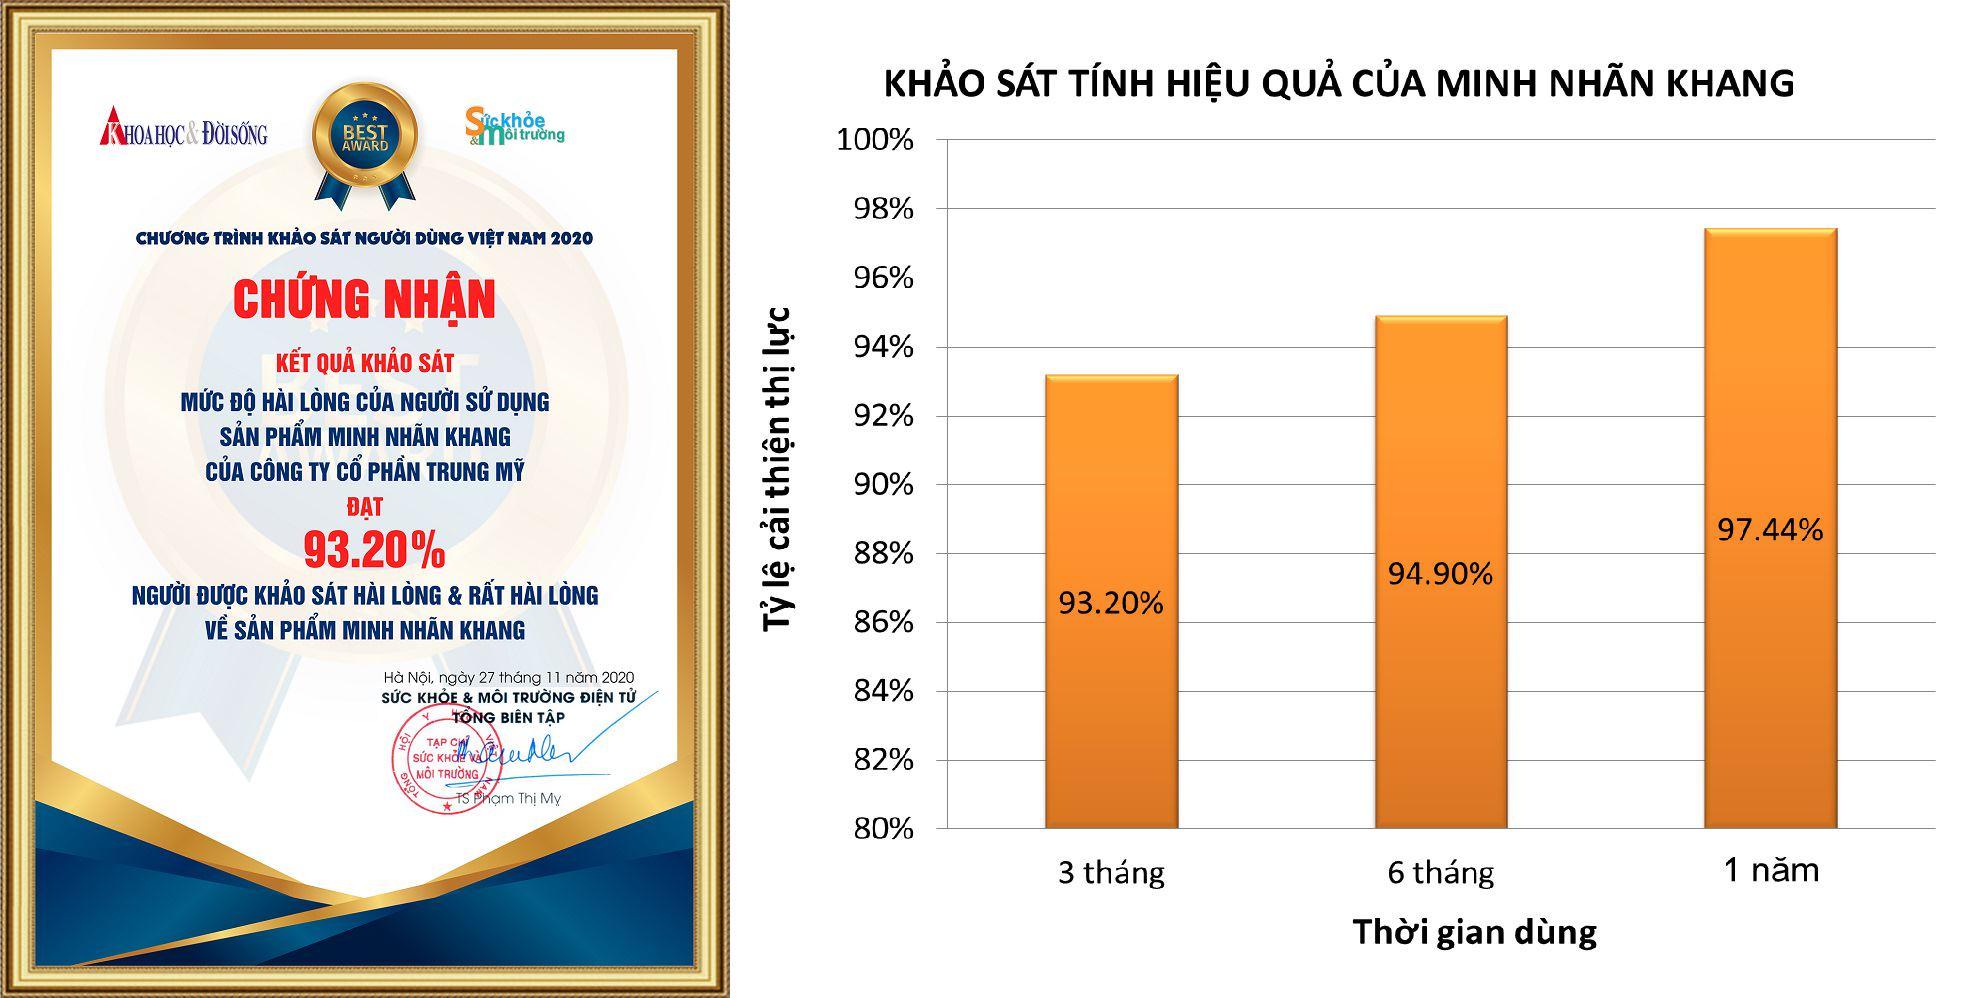 Chứng nhận kết quả khảo sát về Minh Nhãn Khang trong hỗ trợ trị đục thủy tinh thể